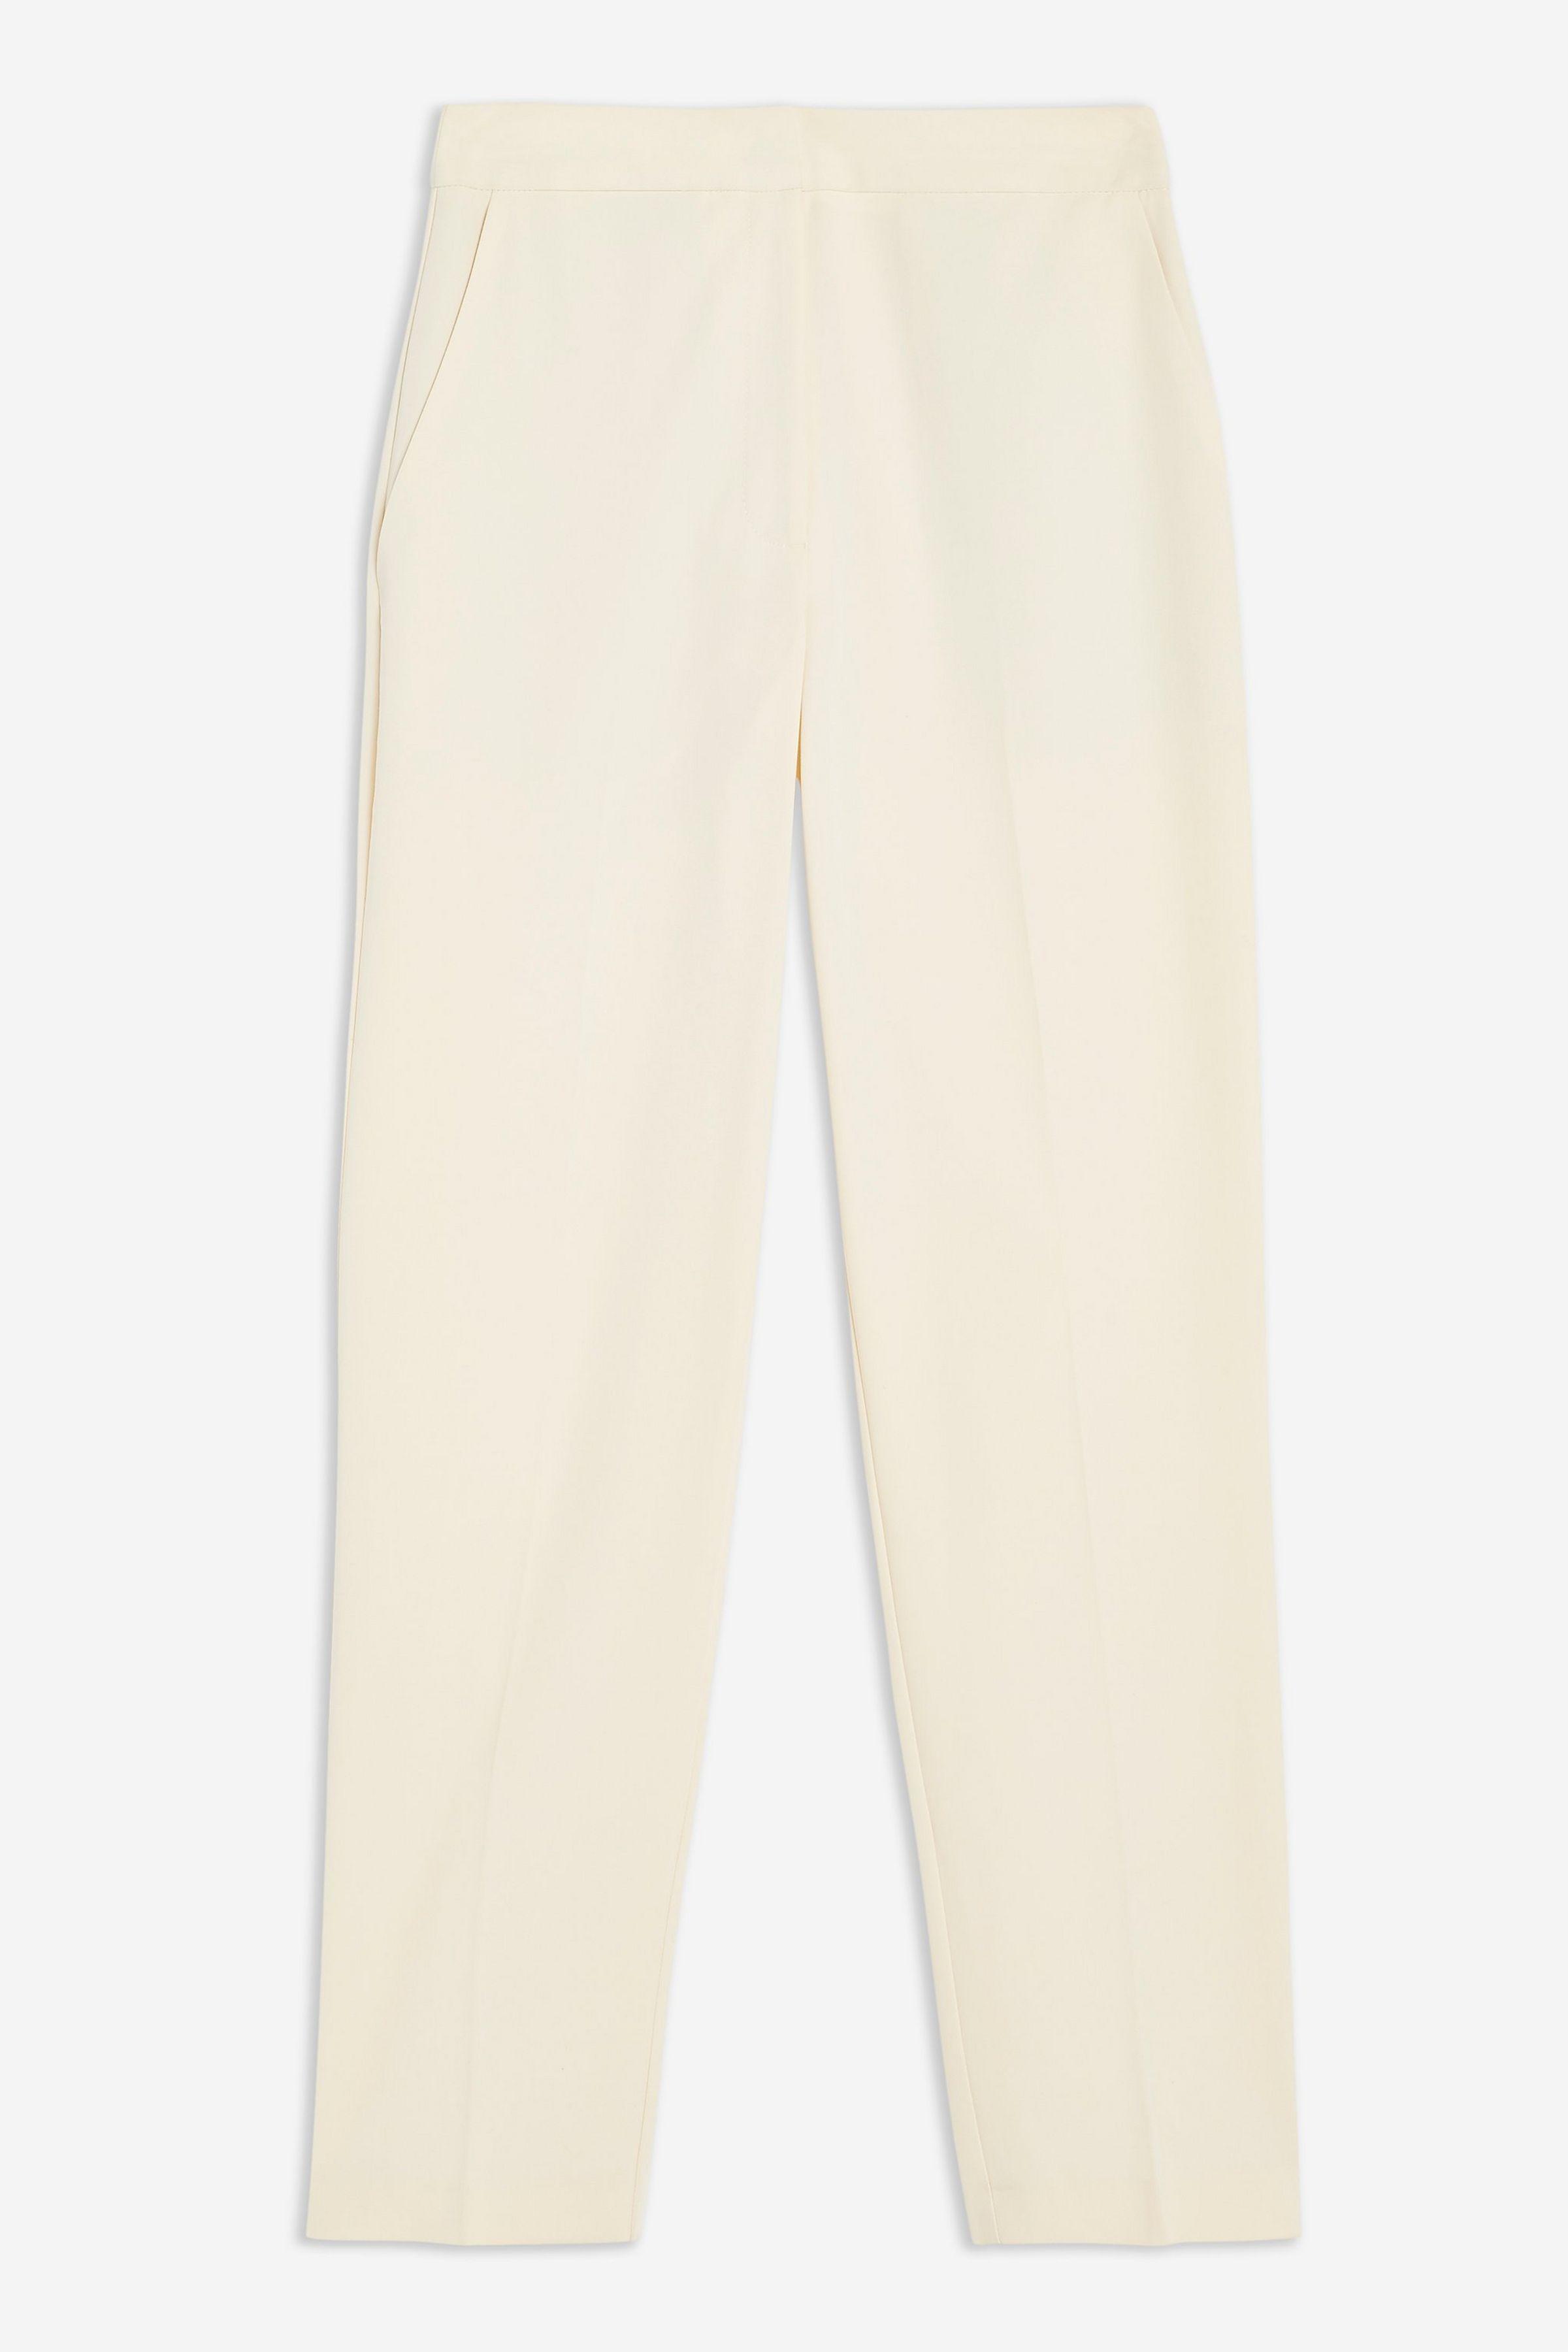 Cream Pant Suit